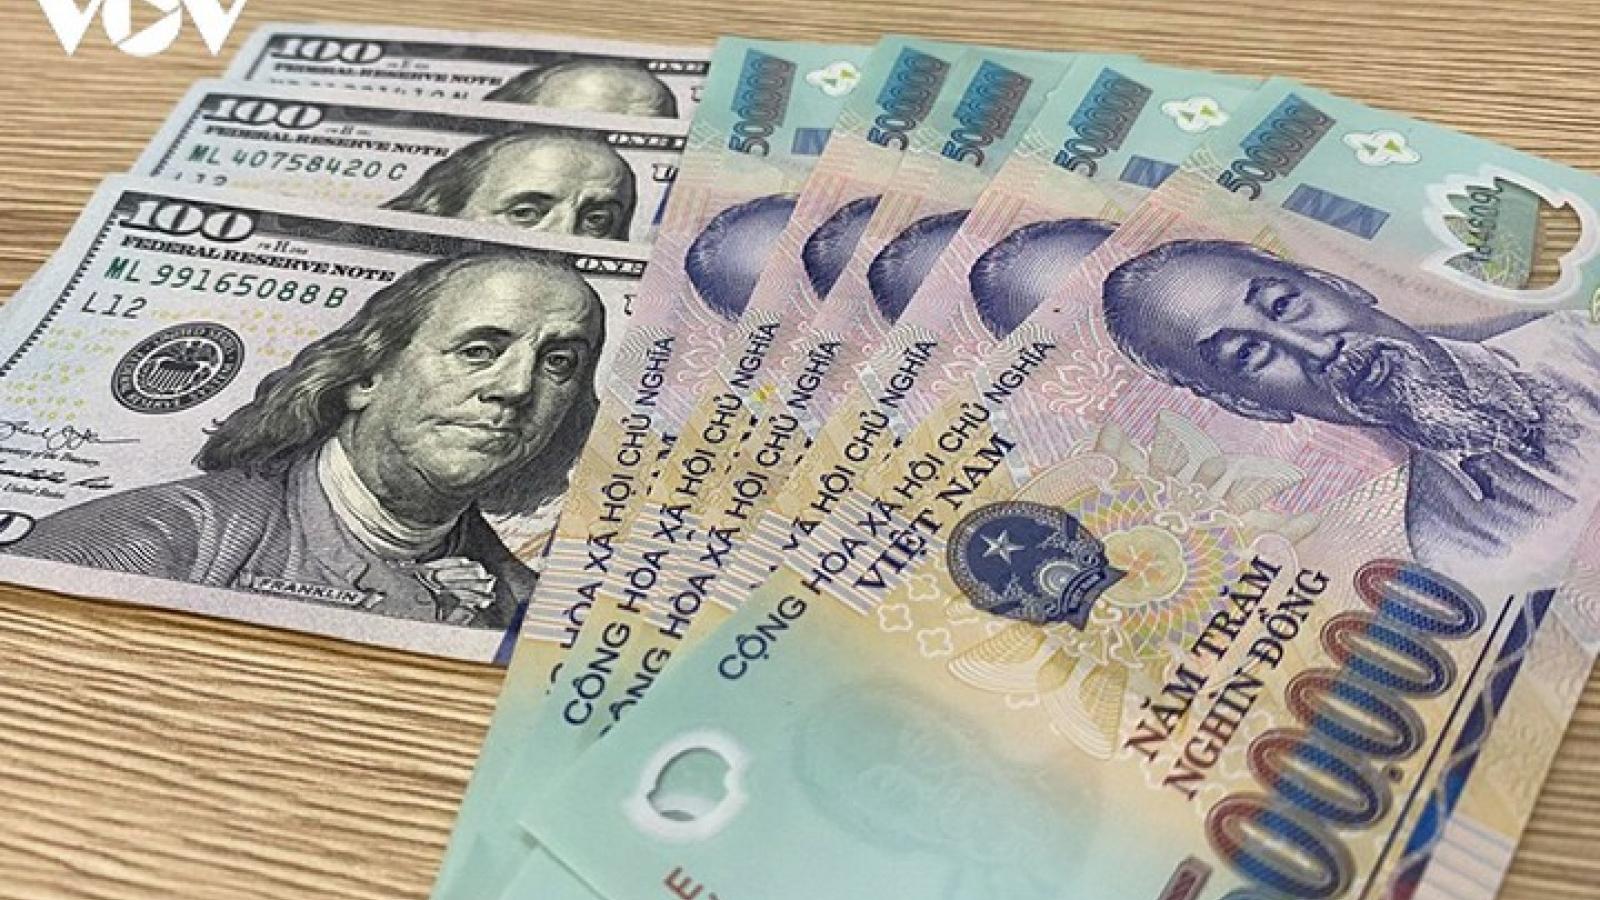 Giá USD giữ ổn định trên 23.000 đồng tại các ngân hàng thương mại